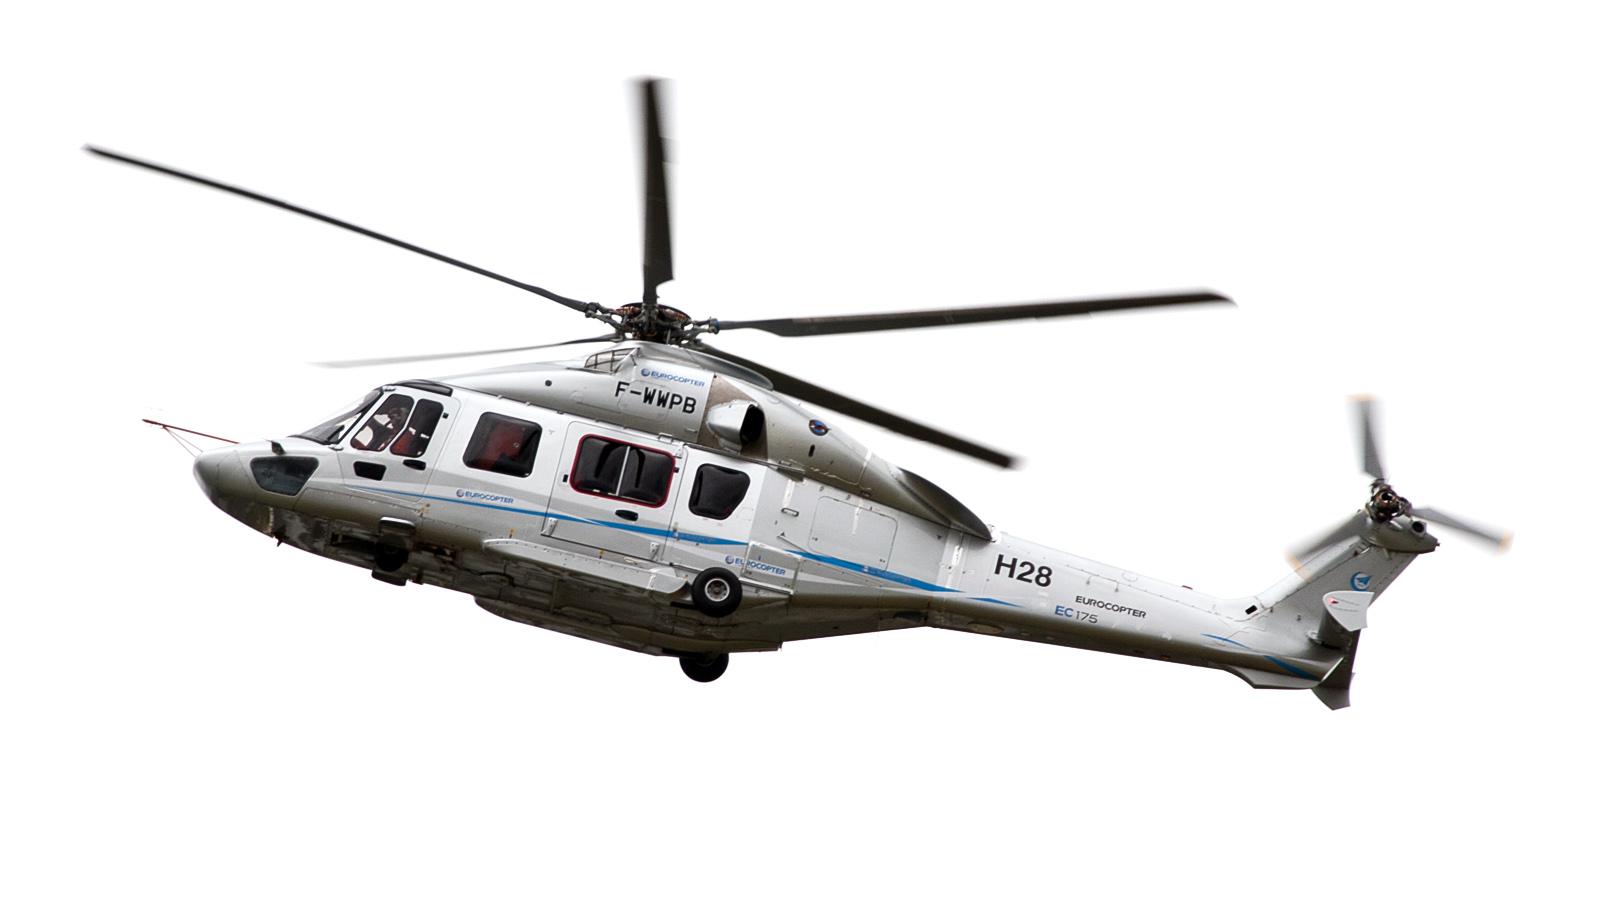 Eurocopter EC175 F-WWPB